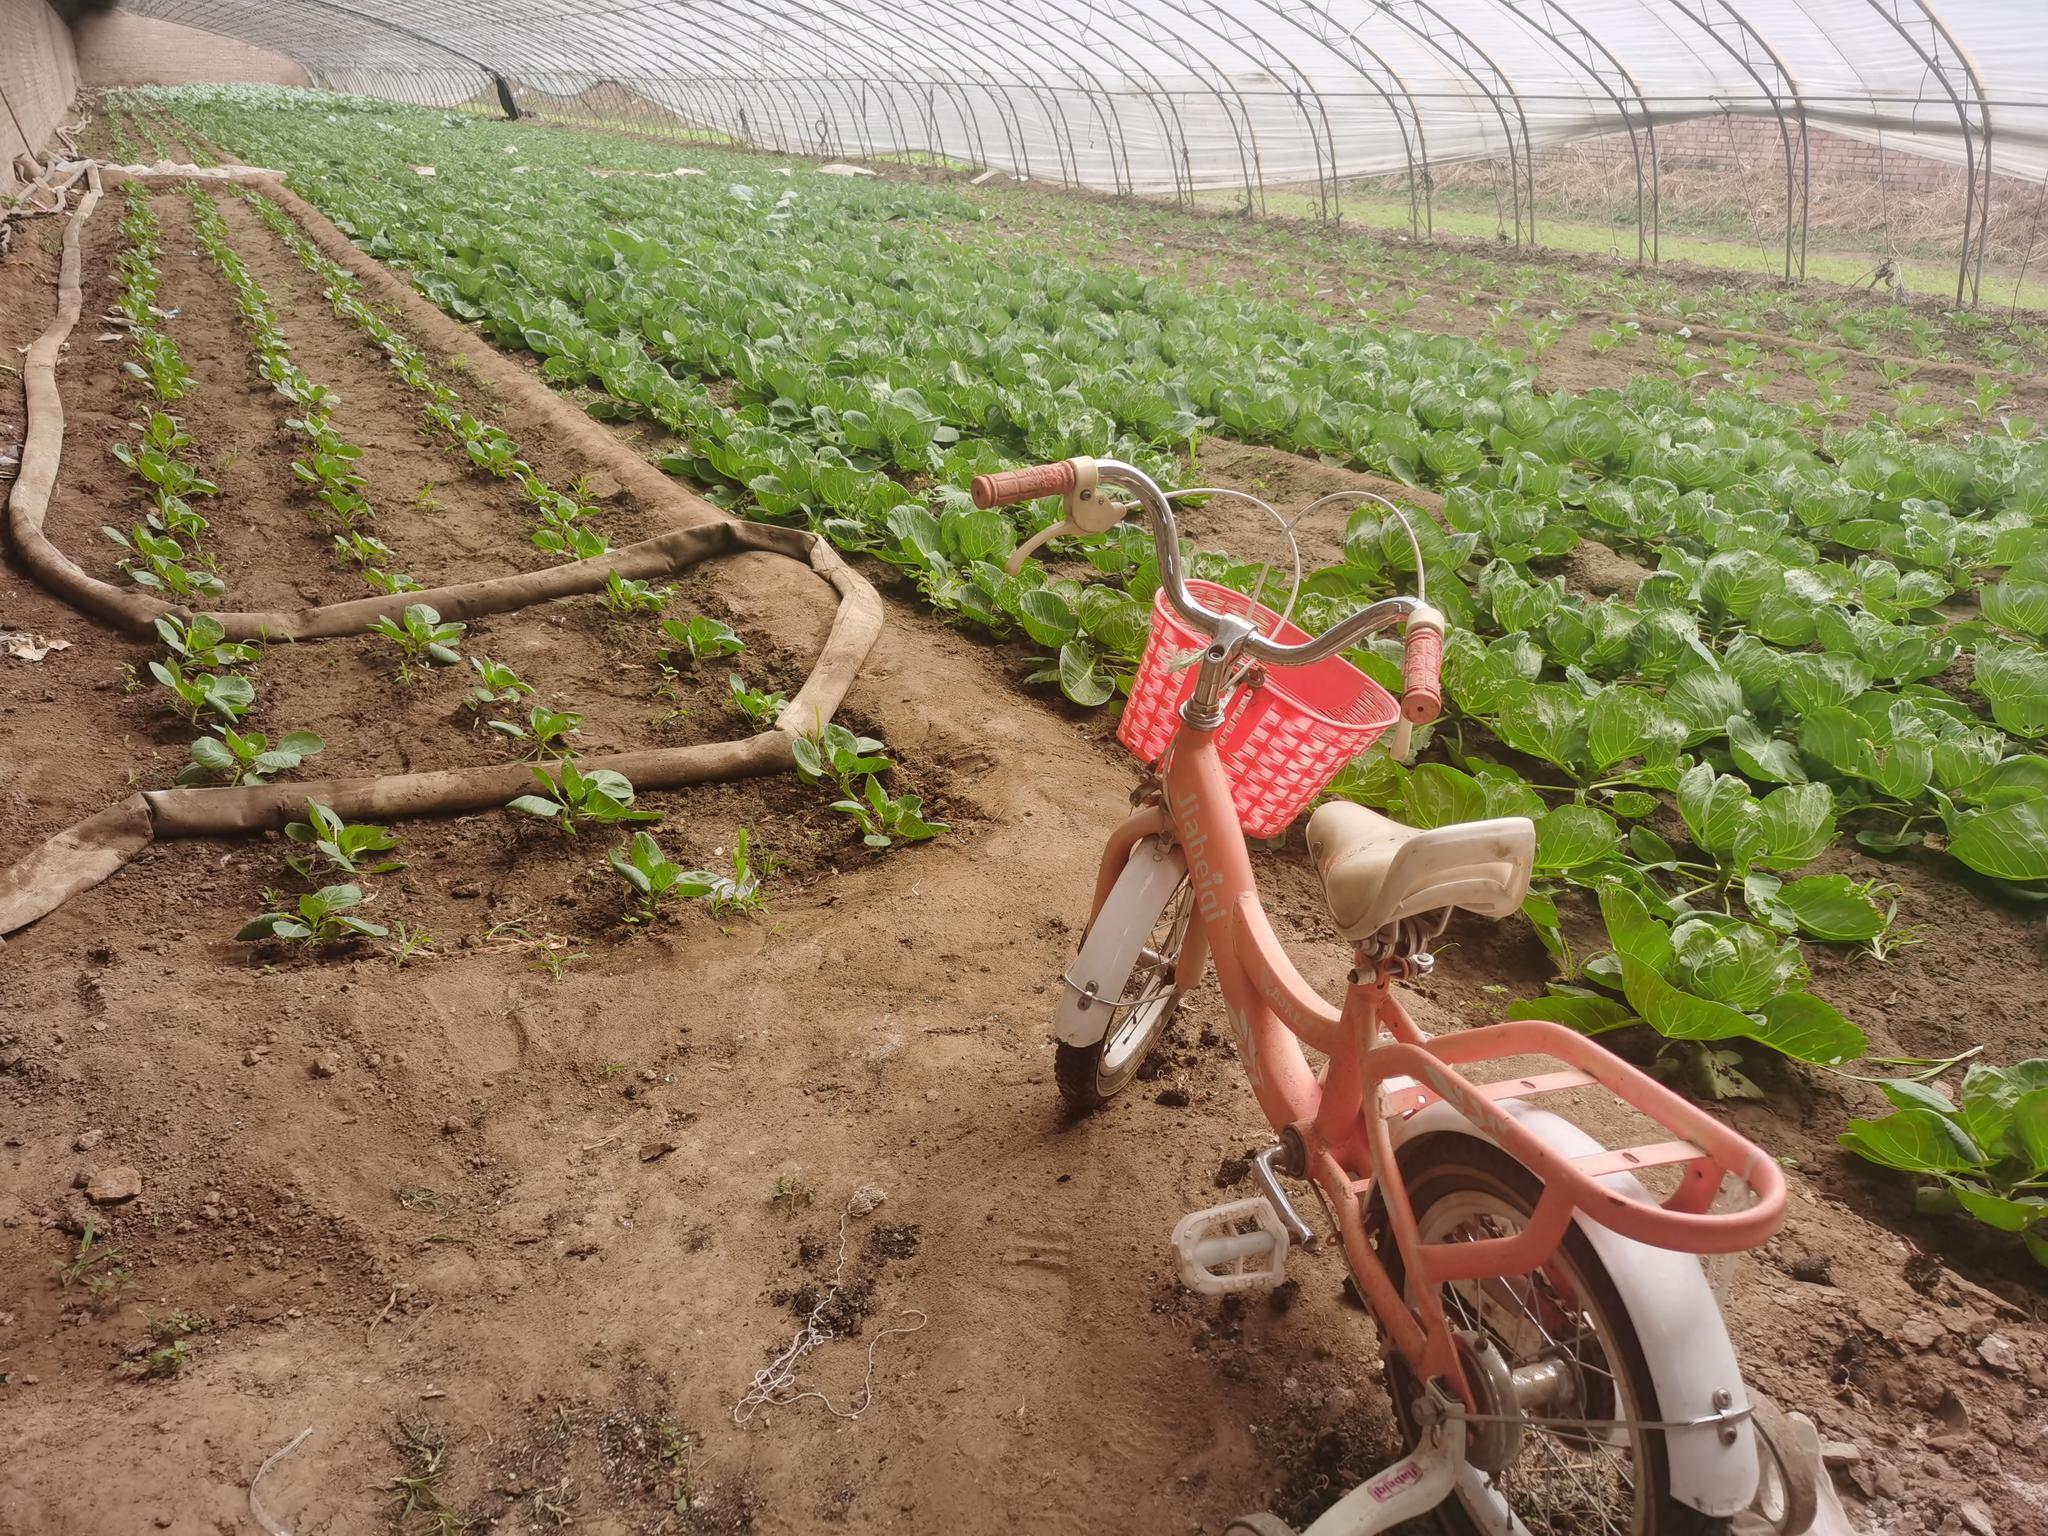 京郊草莓开始移栽 12月份即可成熟图片